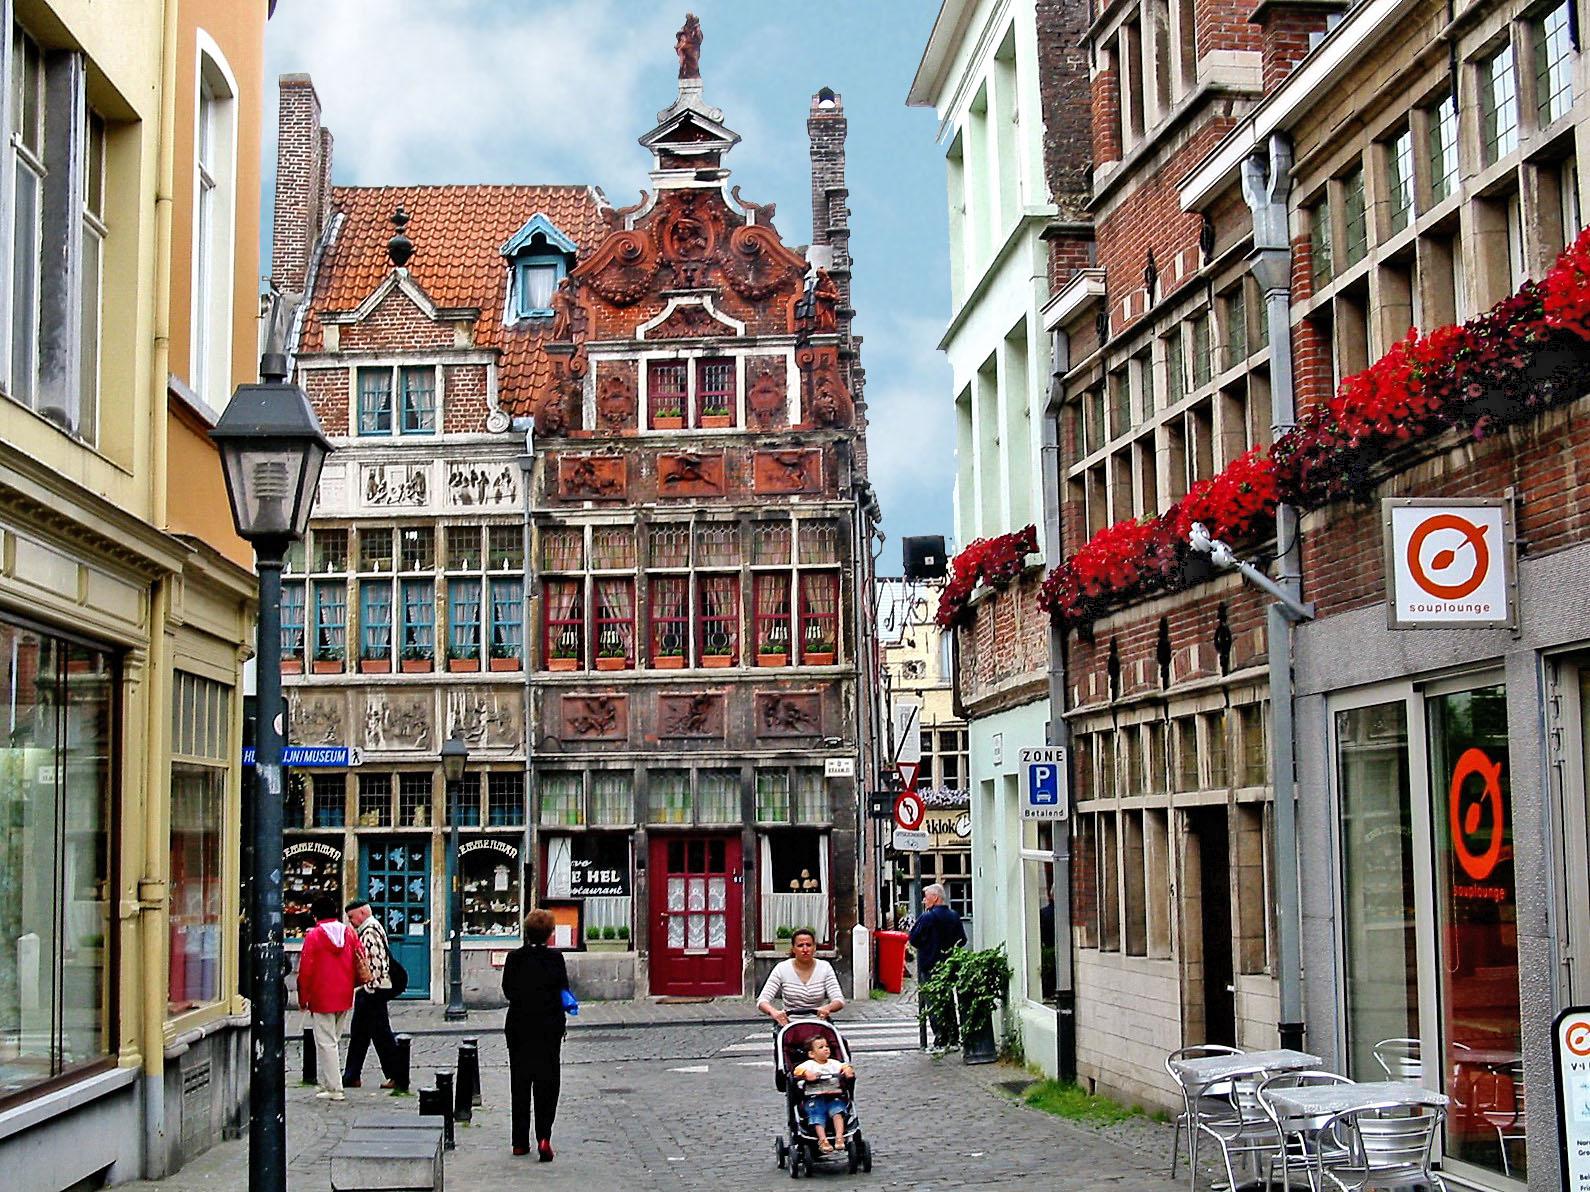 b-Ghent-Belgium (11a)